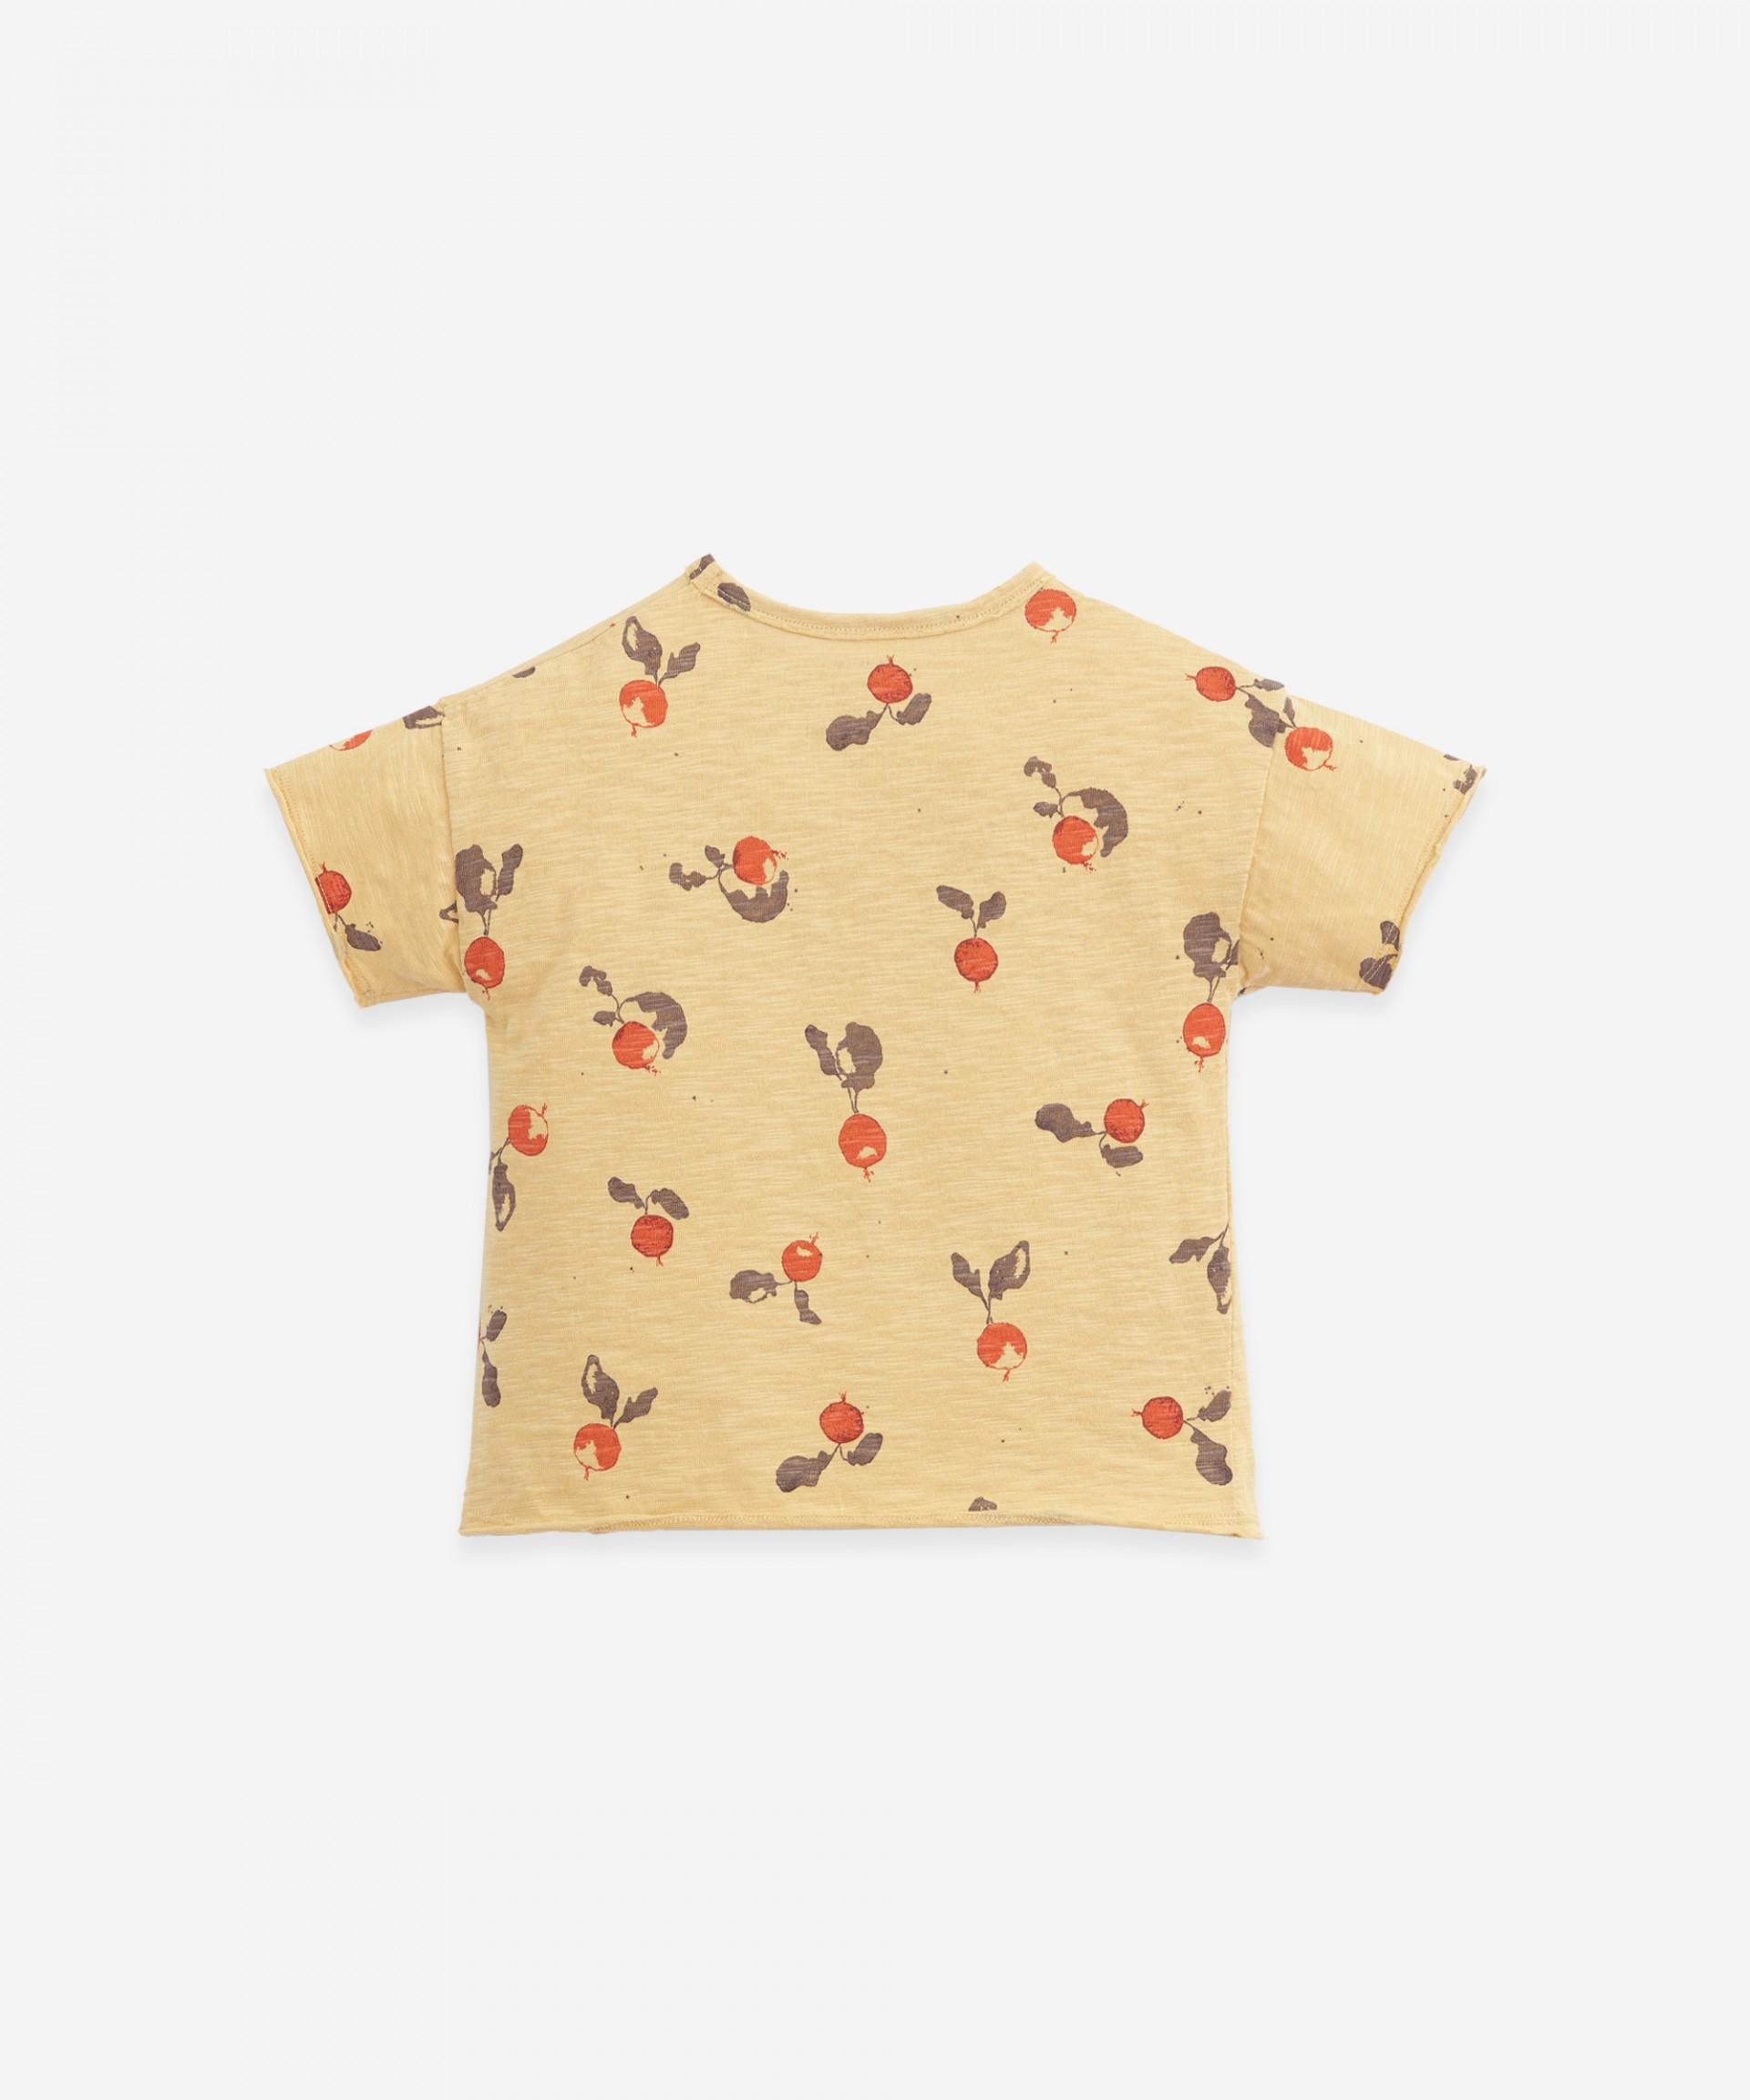 T-shirt com estampado de rabanetes | Botany